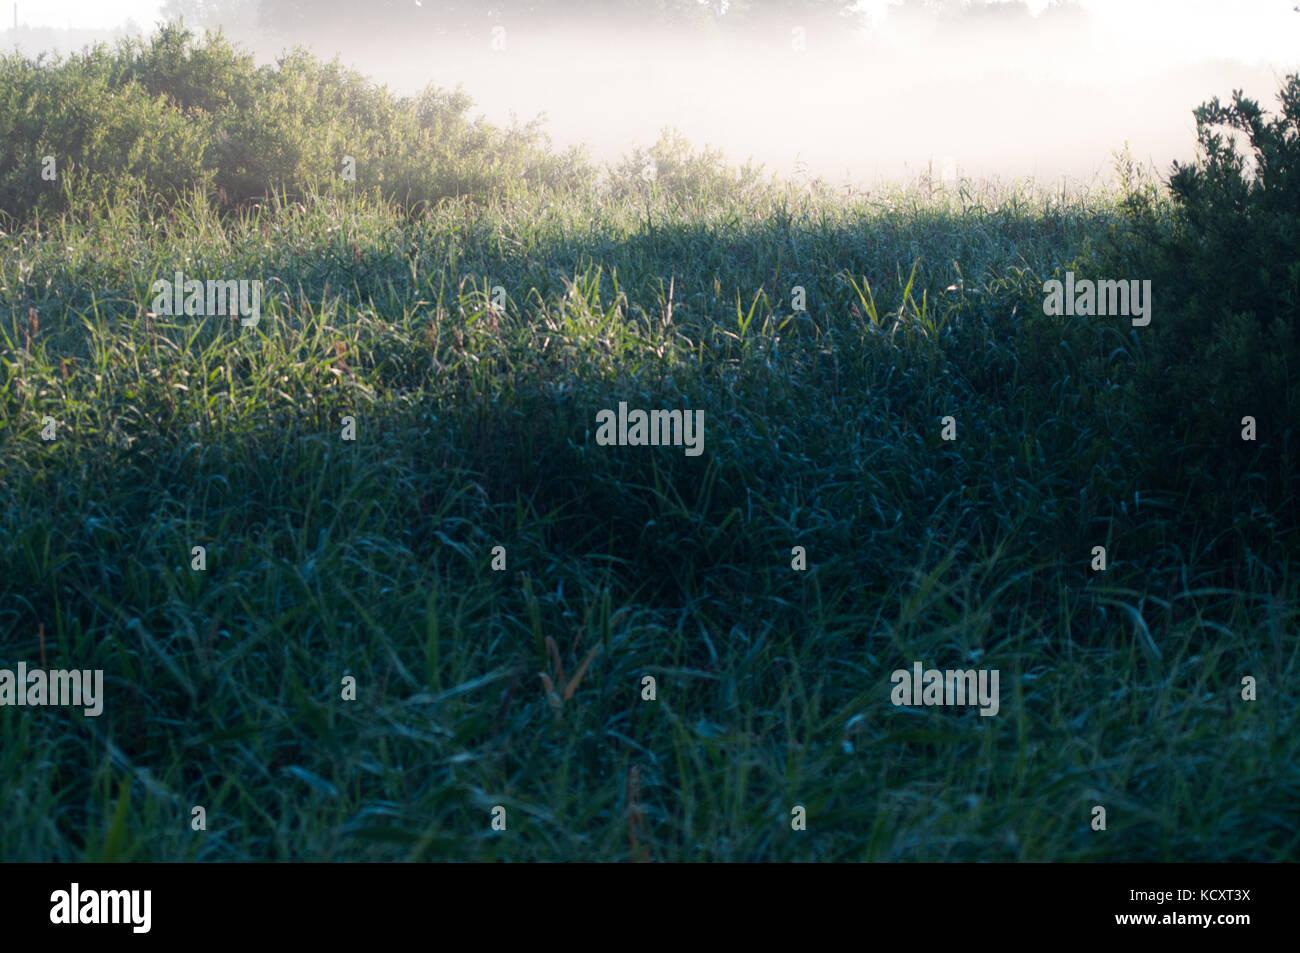 Weißen Morgennebel über grüne, tiefe Rasenfläche. Wald dahinter. Stockbild